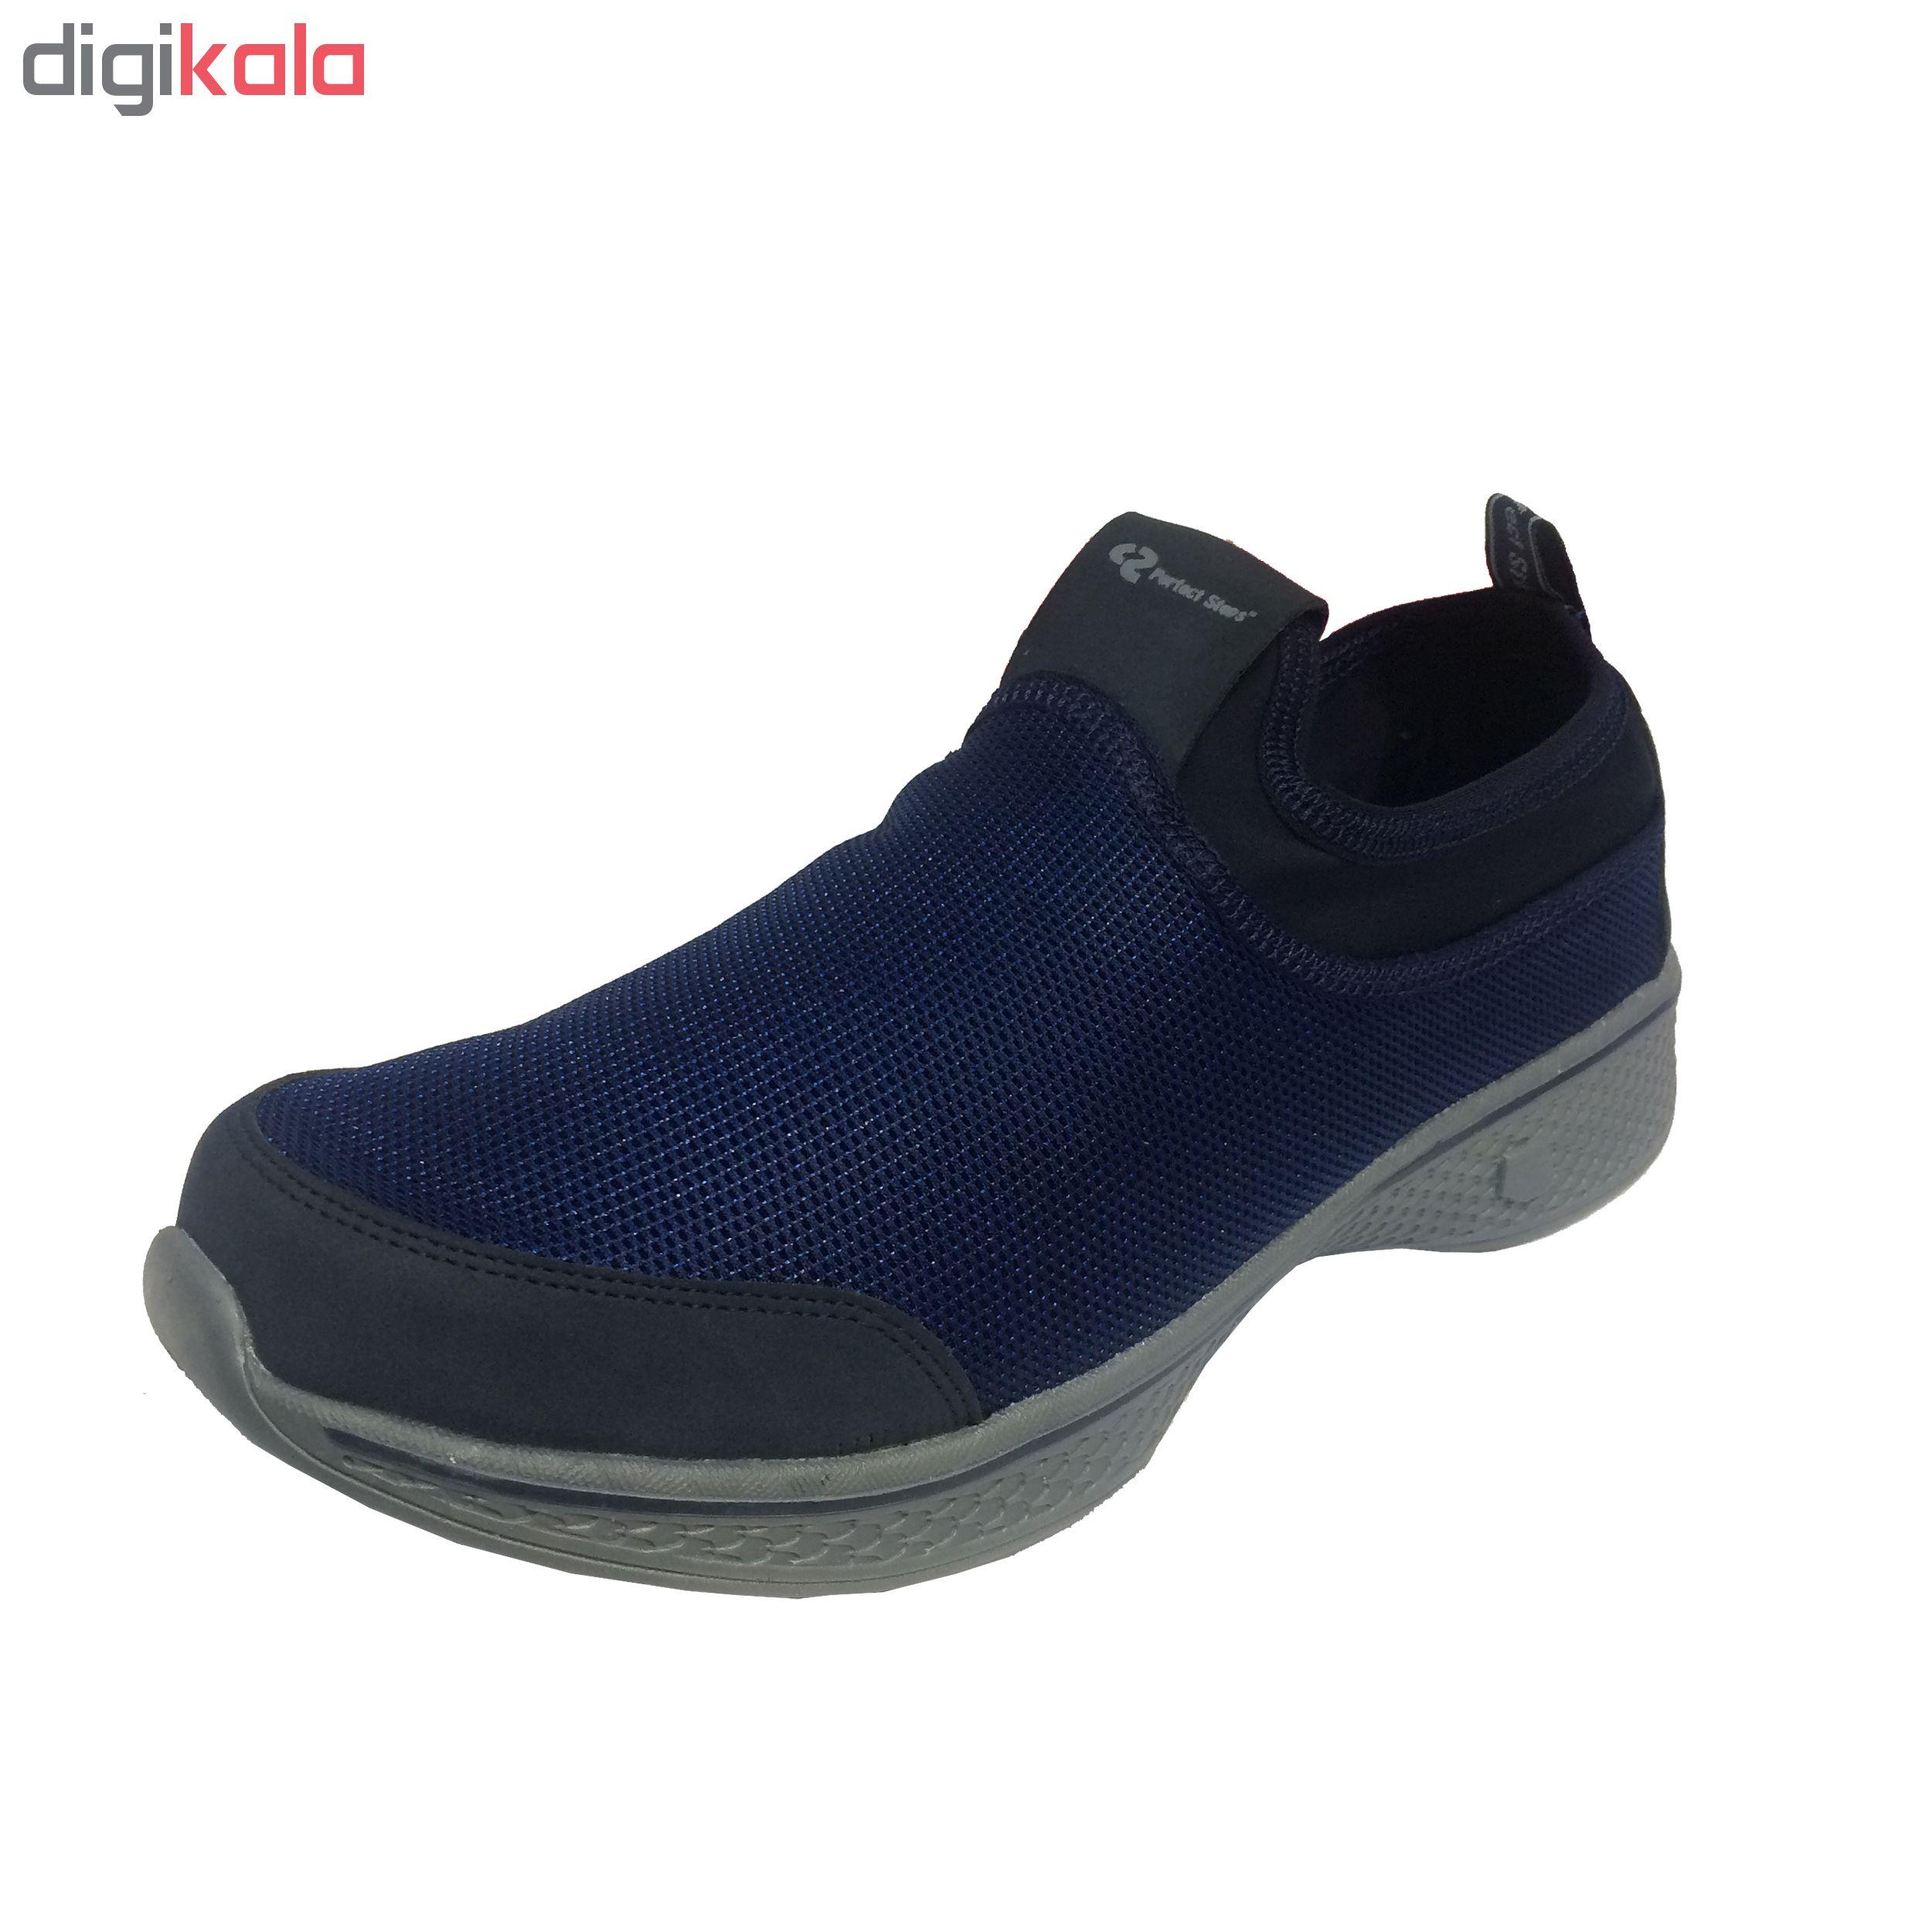 کفش مخصوص پیاده روی مردانه پرفکت استپس مدل سولو کد 1-1940 main 1 2